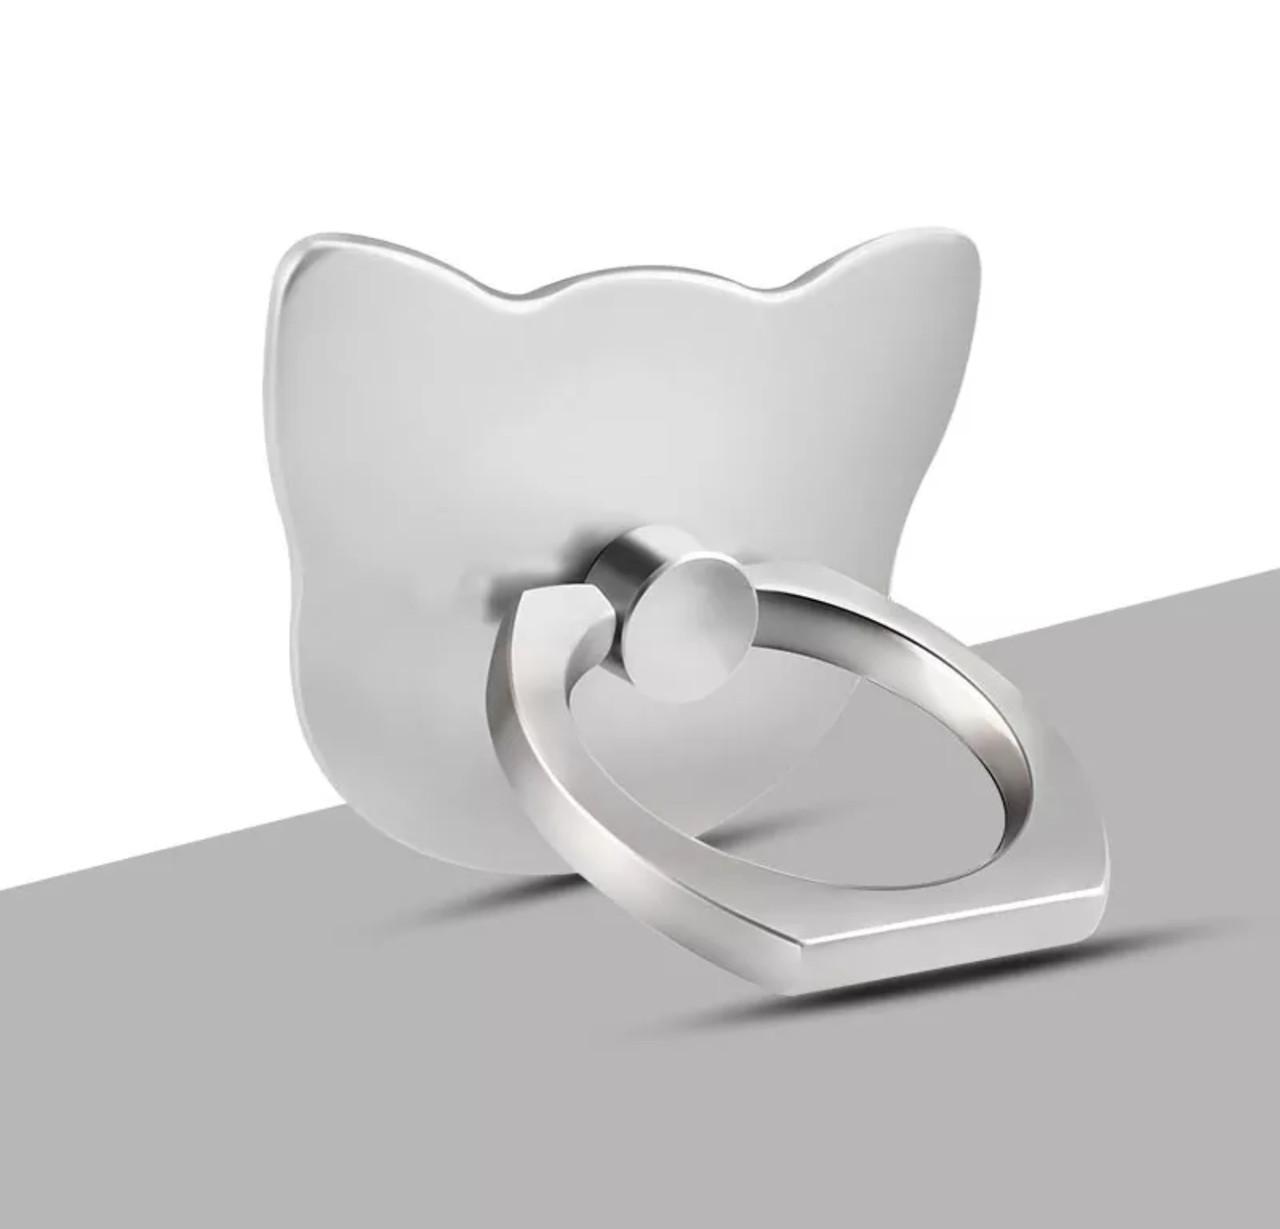 Кольцо-подставка/попсокет для телефона «Серый котик» стильная